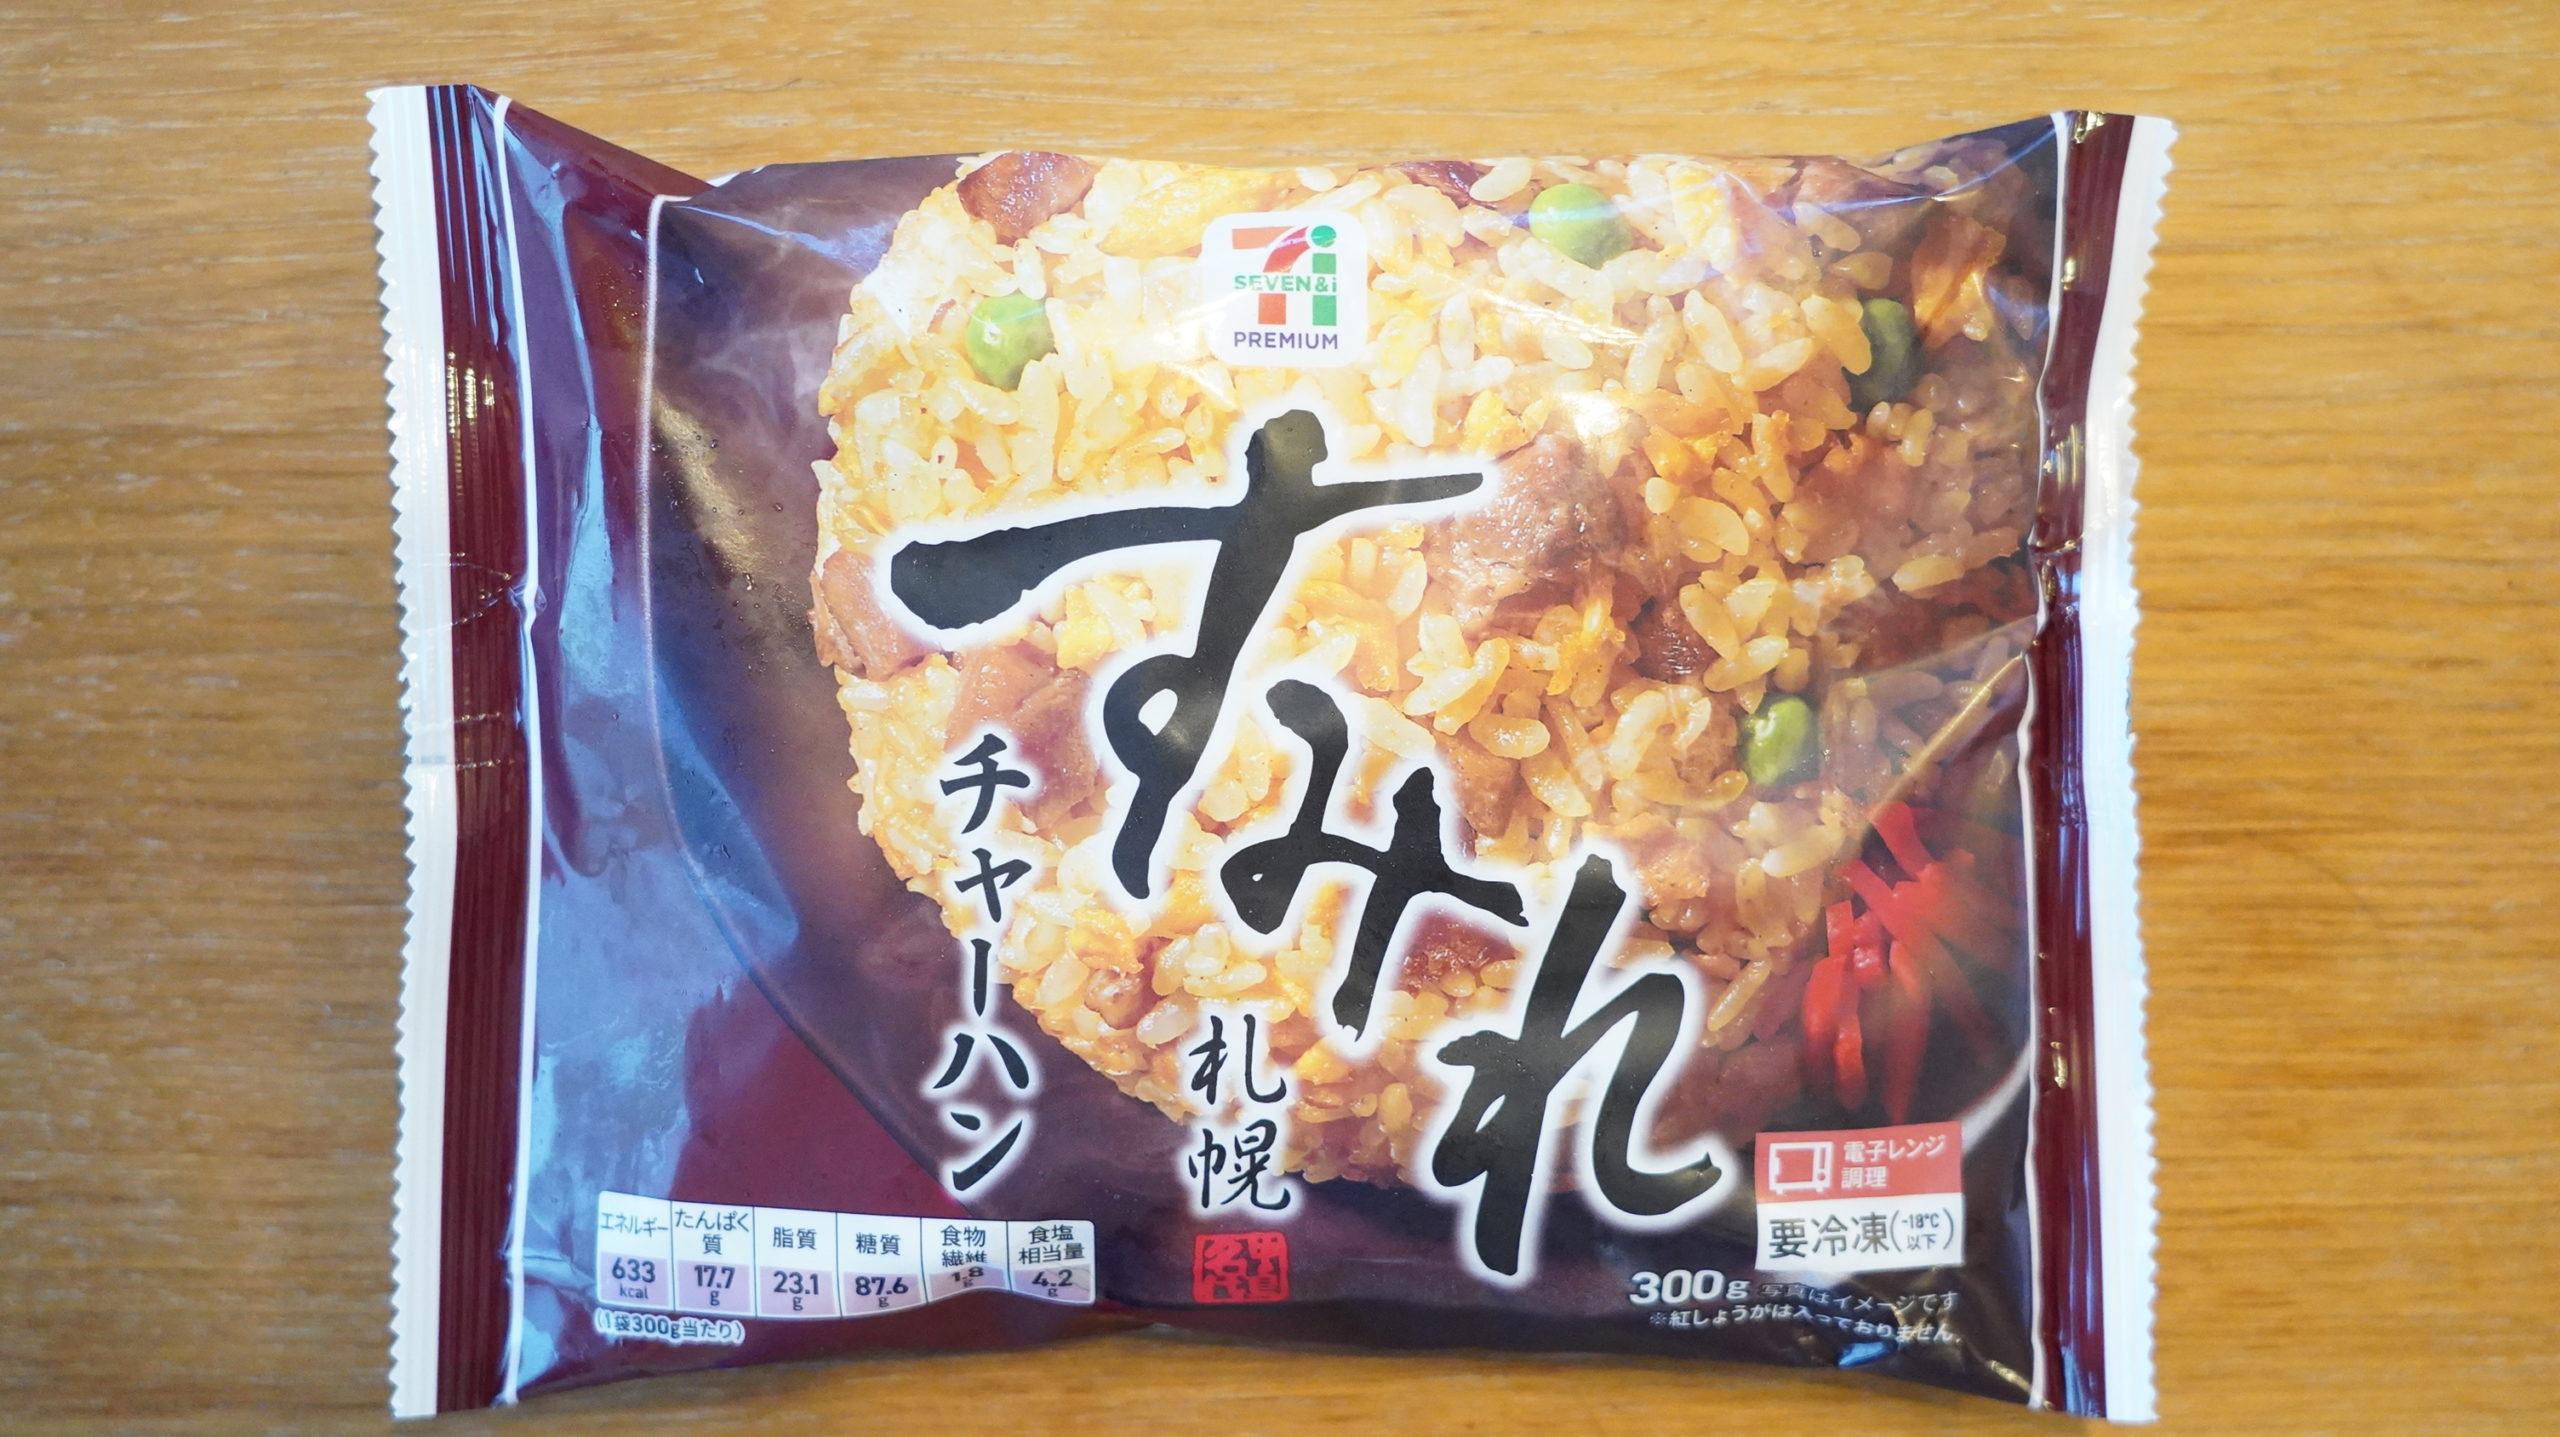 セブンイレブンのおすすめ冷凍食品「すみれチャーハン」のパッケージ写真